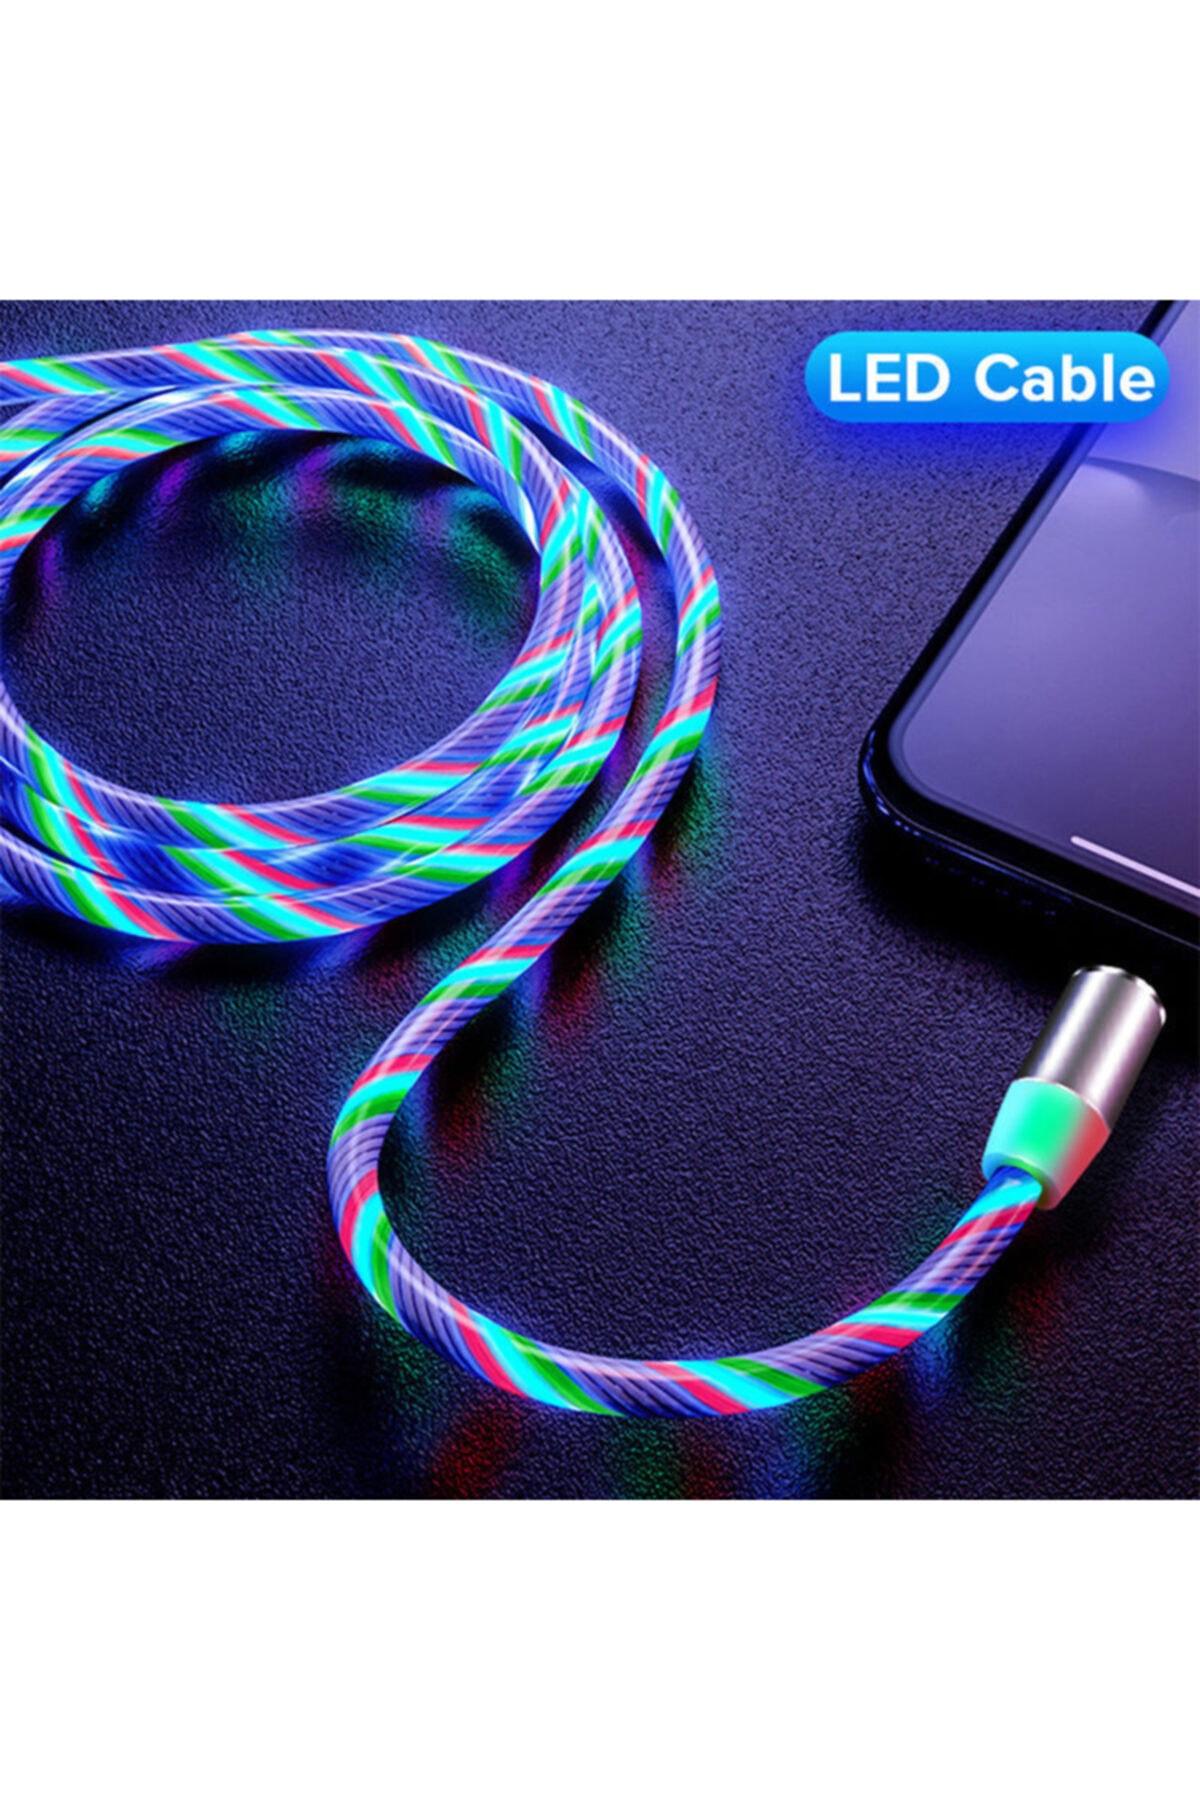 Elmas Type C Full Işıklı Hareketli Manyetik Mıknatıslı Şarj Aleti Sarj Kablosu Rbg Karışık Renkli 1